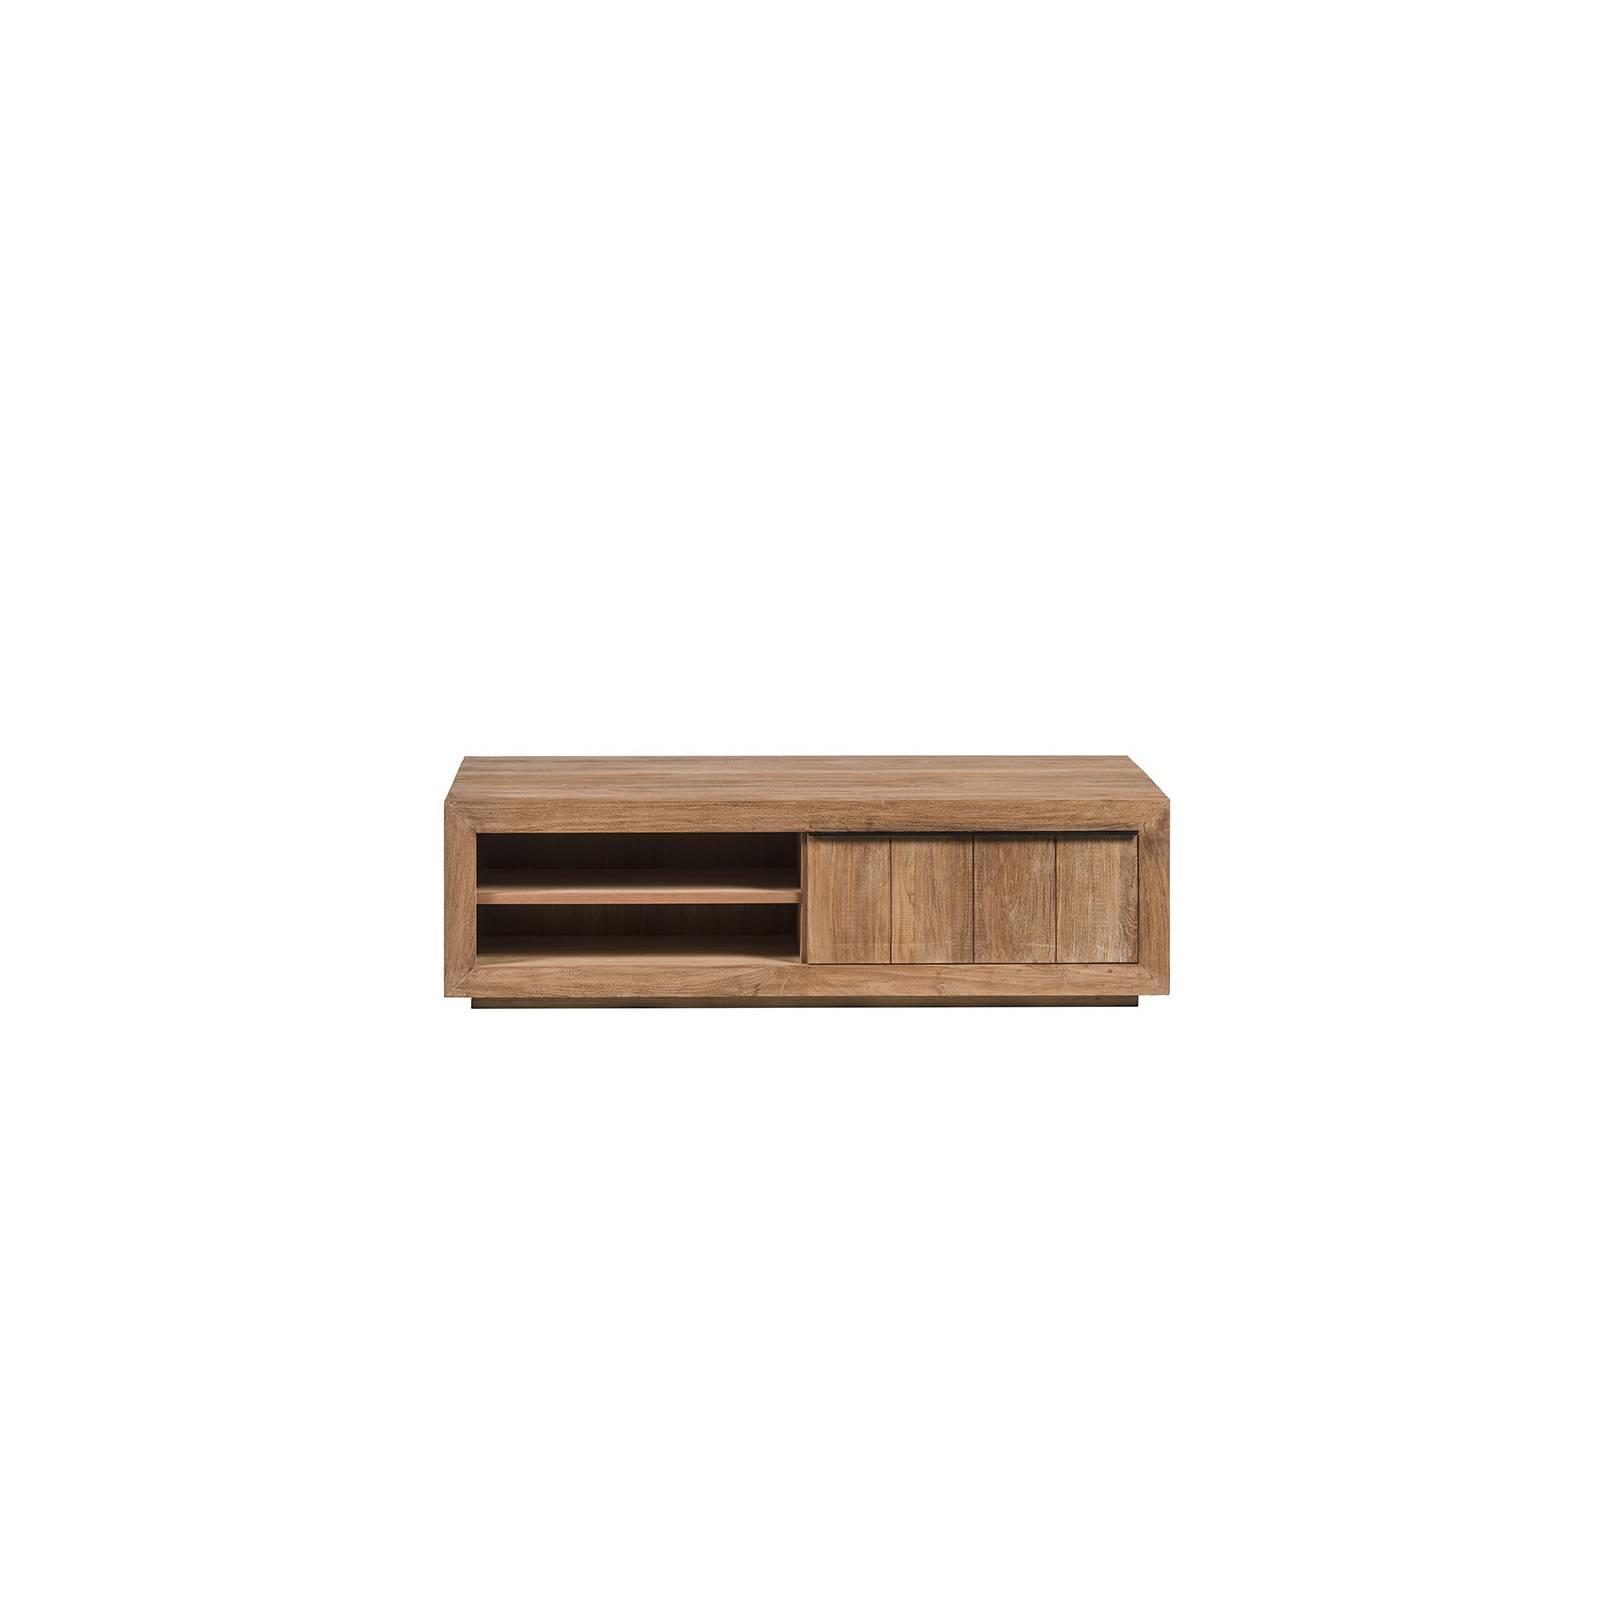 Table basse à tiroir Teck recyclé et brossé - achat table basse haut de gamme